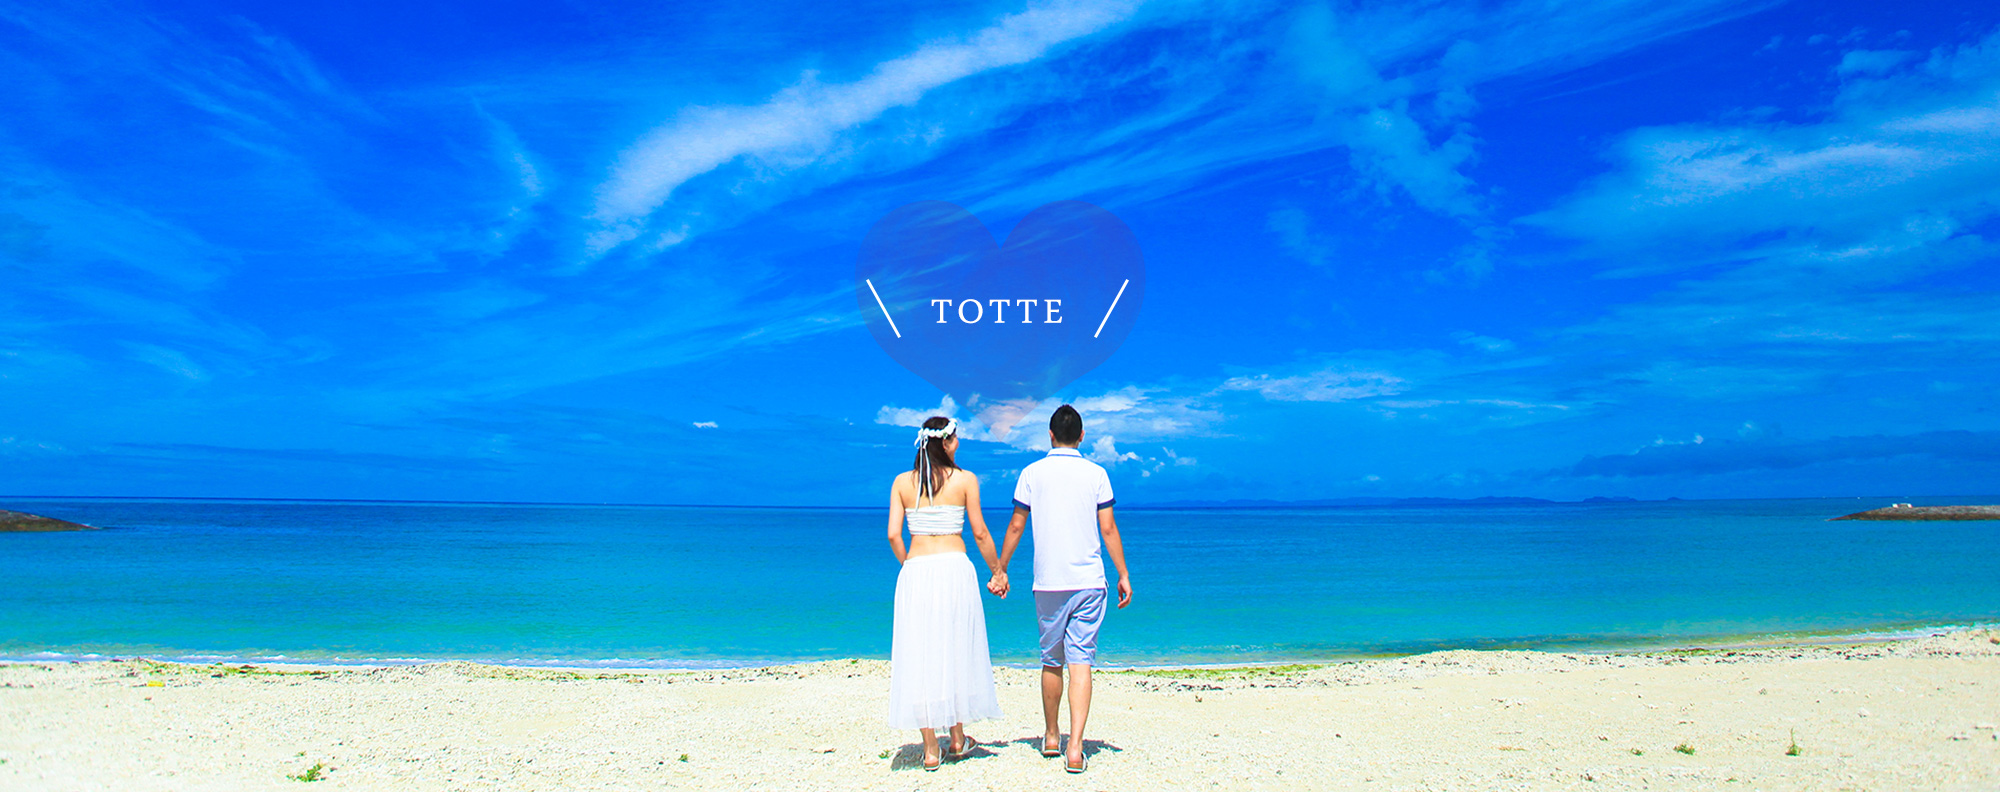 沖縄の出張写真「tottephoto